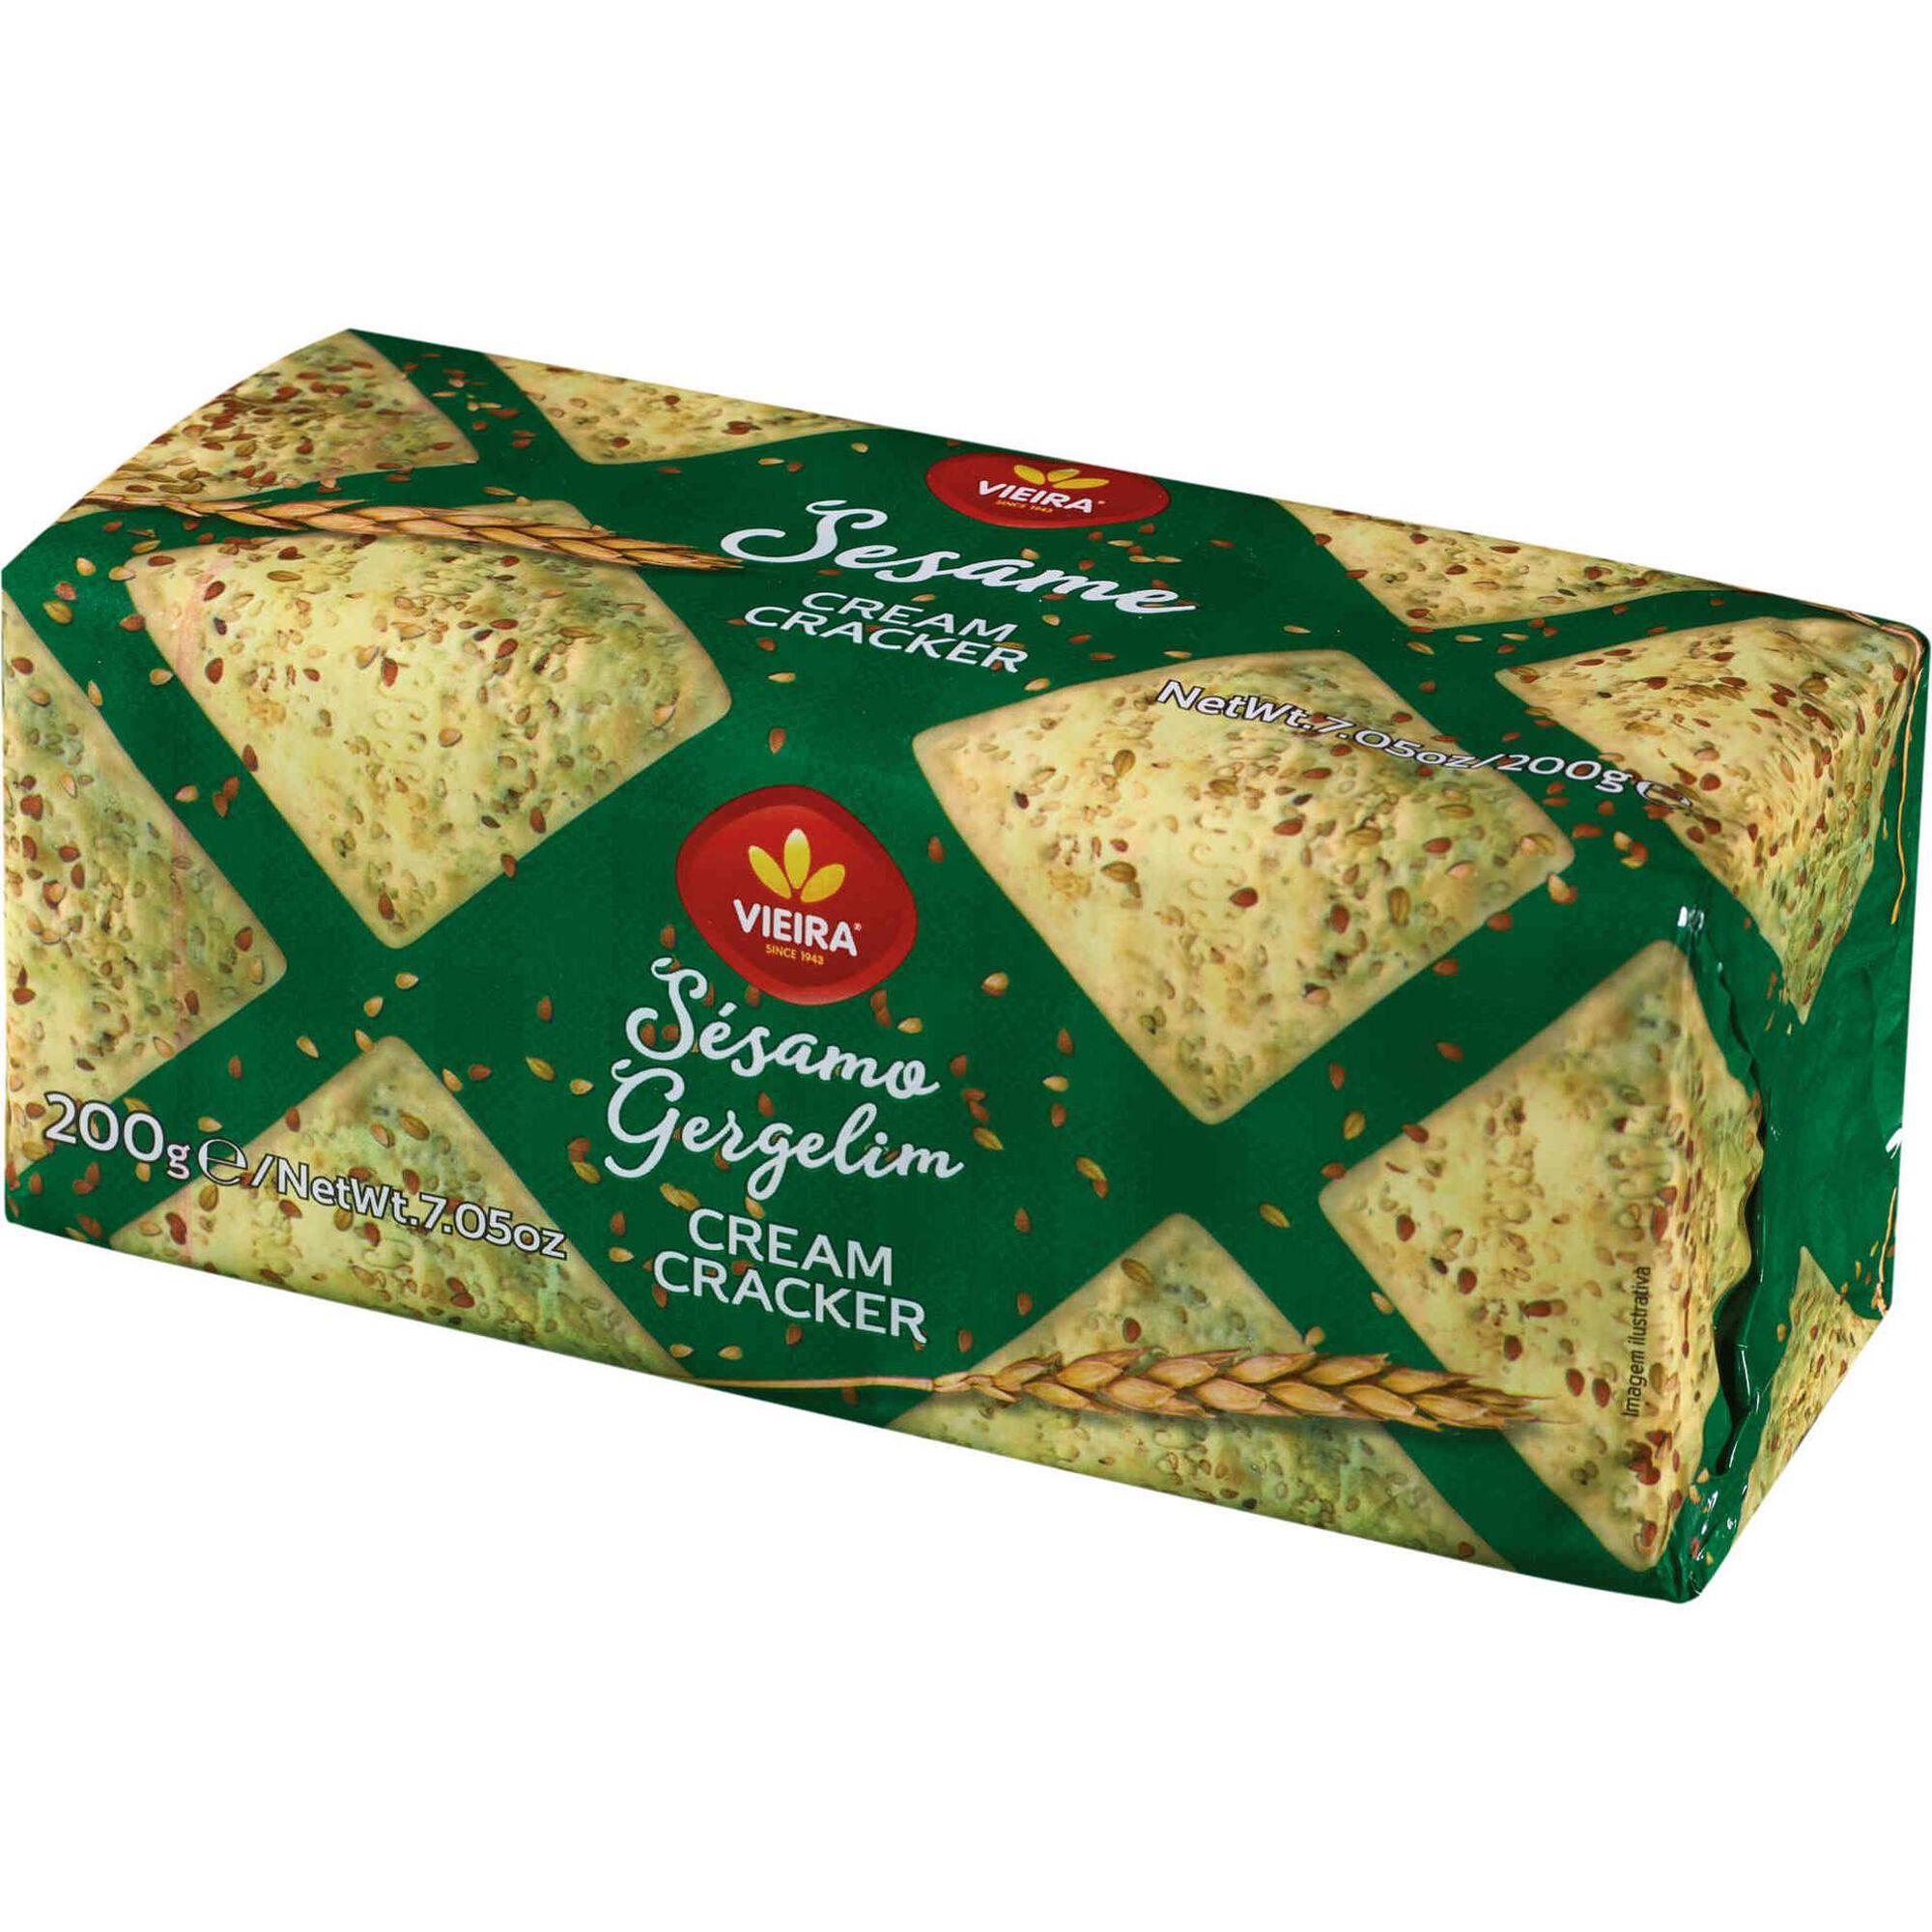 Bolachas Cream Cracker de Sésamo